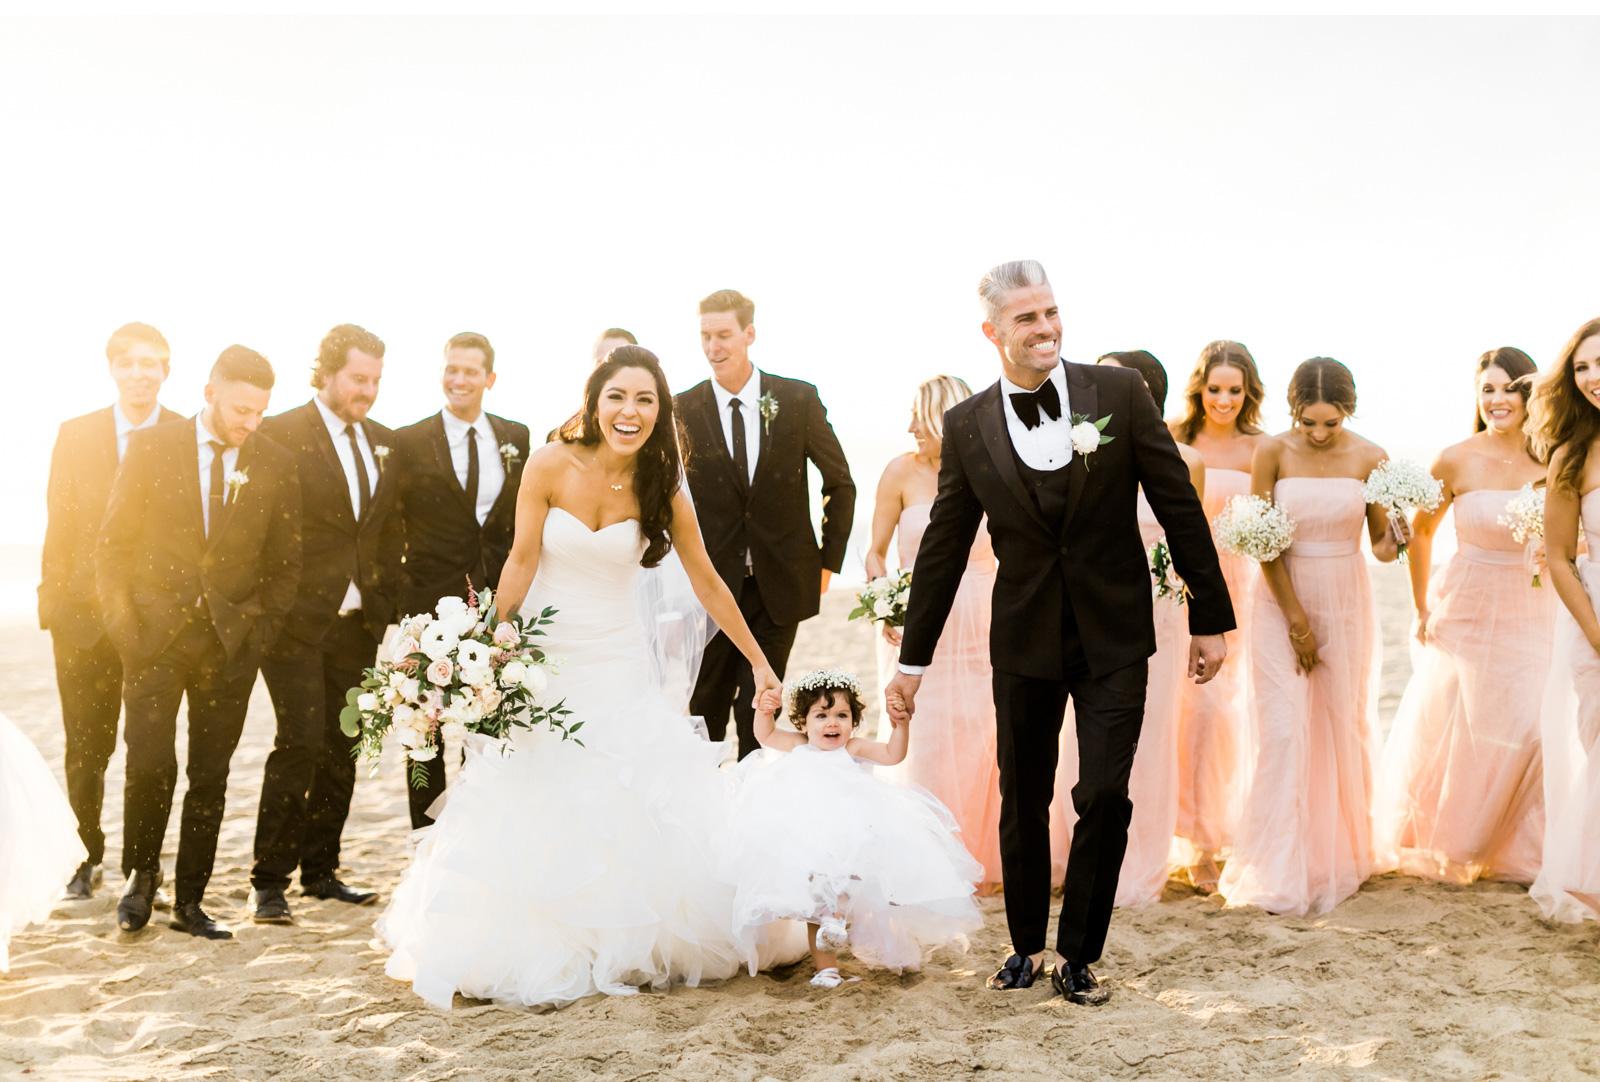 Southern-California-Fine-Art-Wedding-Photographer-Natalie-Schutt-Photography_17.jpg